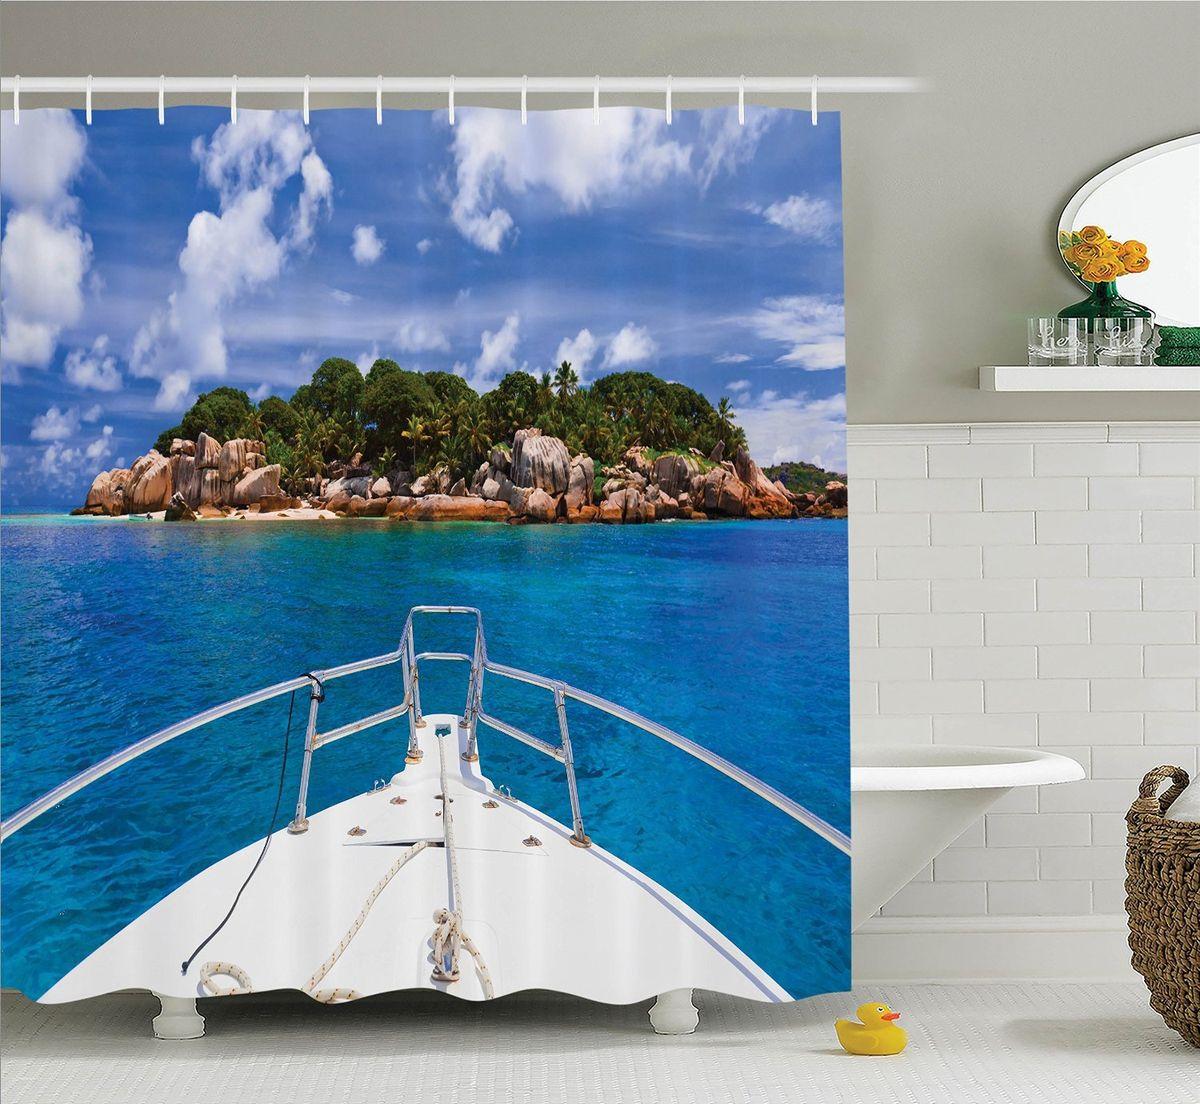 Штора для ванной комнаты Magic Lady На палубе, 180 х 200 смшв_11704Штора Magic Lady На палубе, изготовленная из высококачественного сатена (полиэстер 100%), отлично дополнит любой интерьер ванной комнаты. При изготовлении используются специальные гипоаллергенные чернила для прямой печати по ткани, безопасные для человека. В комплекте: 1 штора, 12 крючков. Обращаем ваше внимание, фактический цвет изделия может незначительно отличаться от представленного на фото.